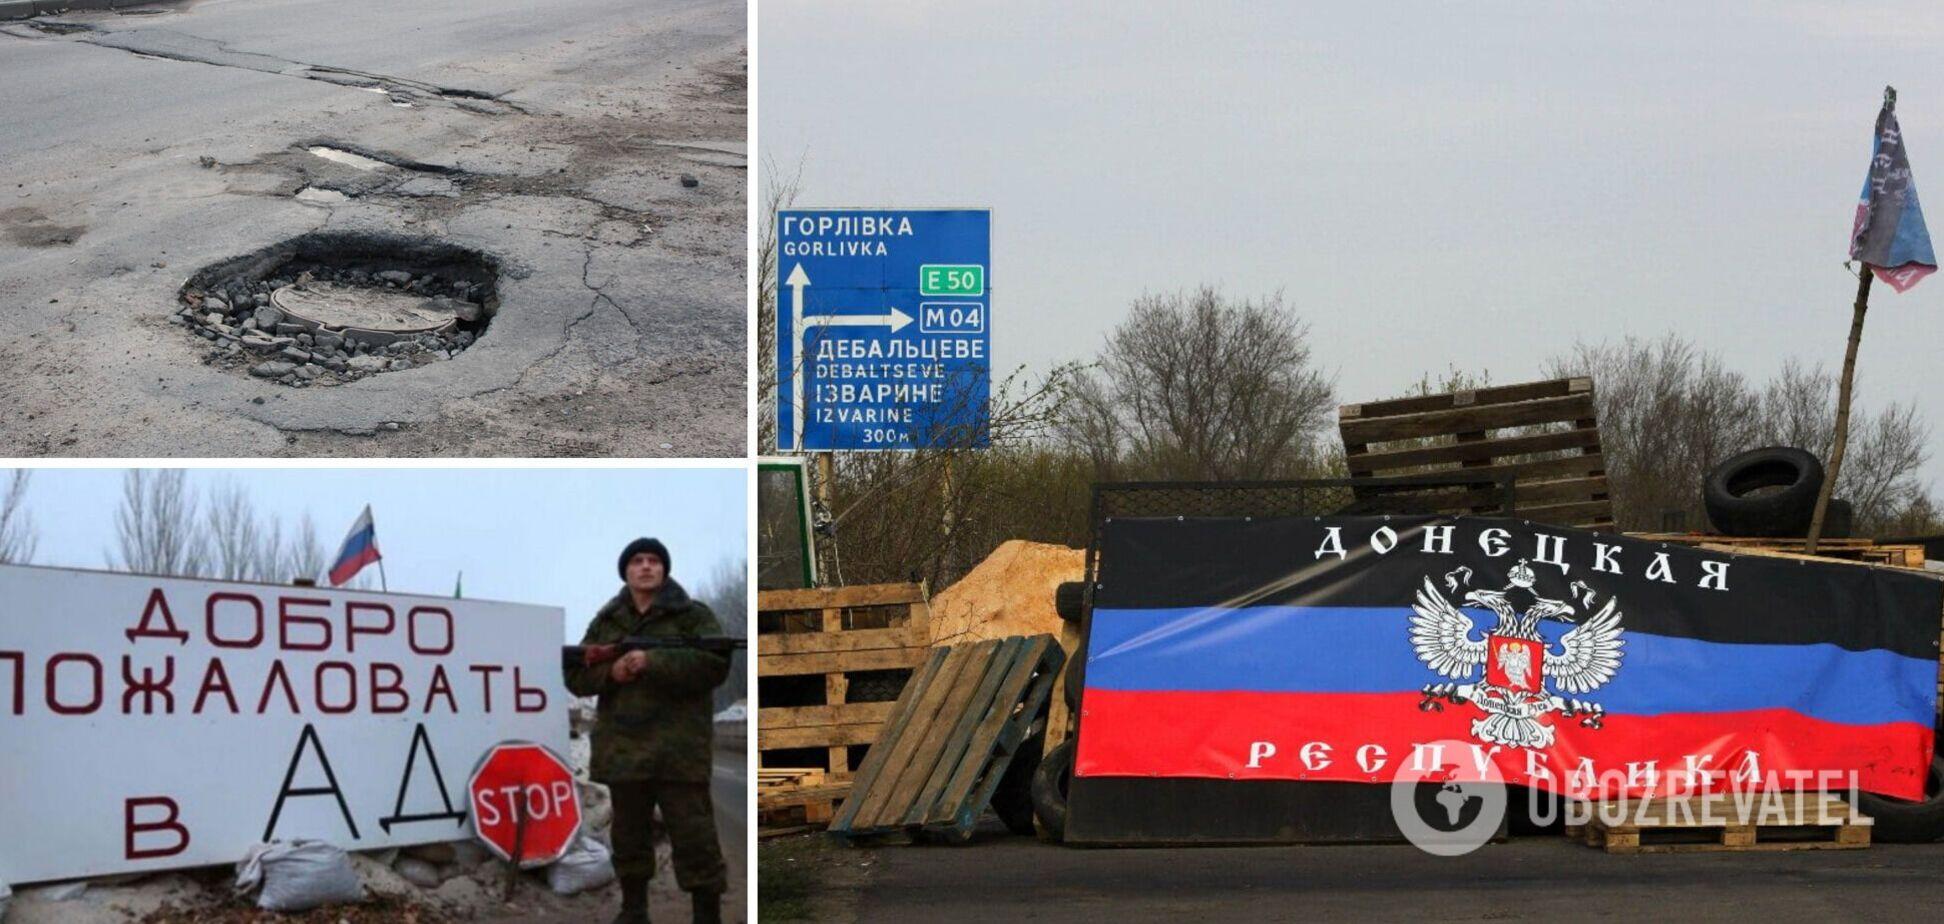 Горлівка під окупацією 'ДНР'